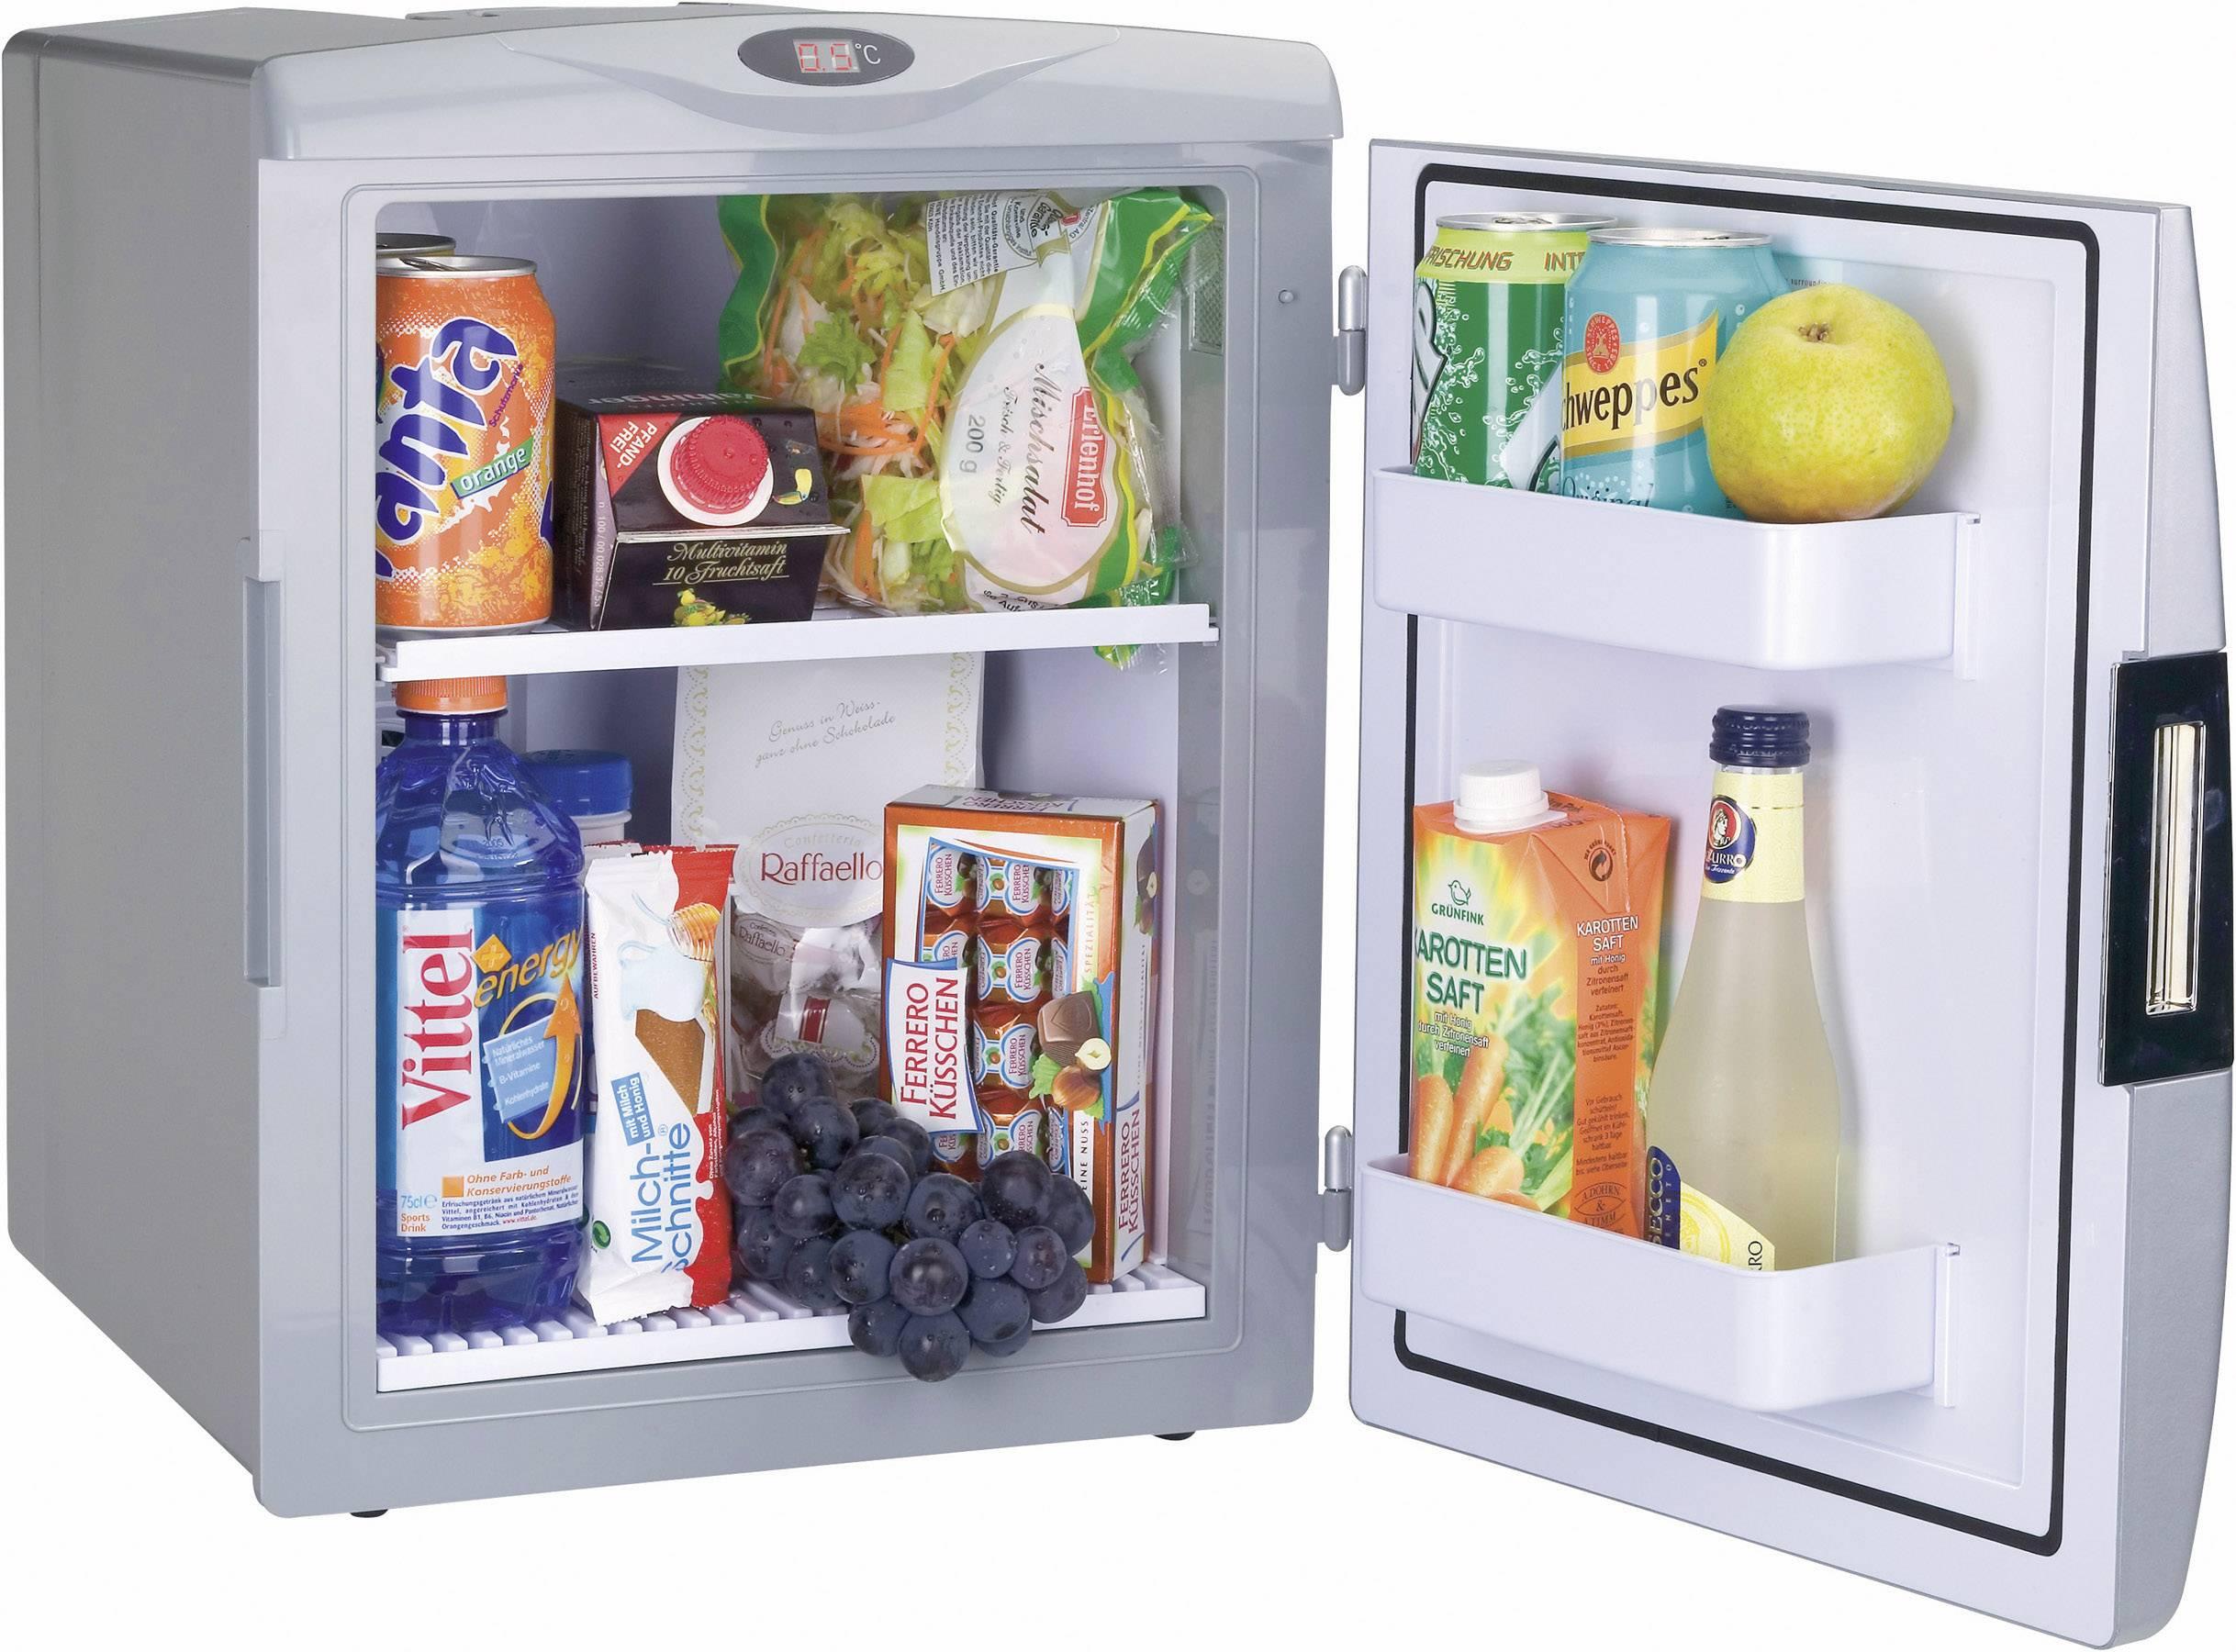 Domáce spotrebiče